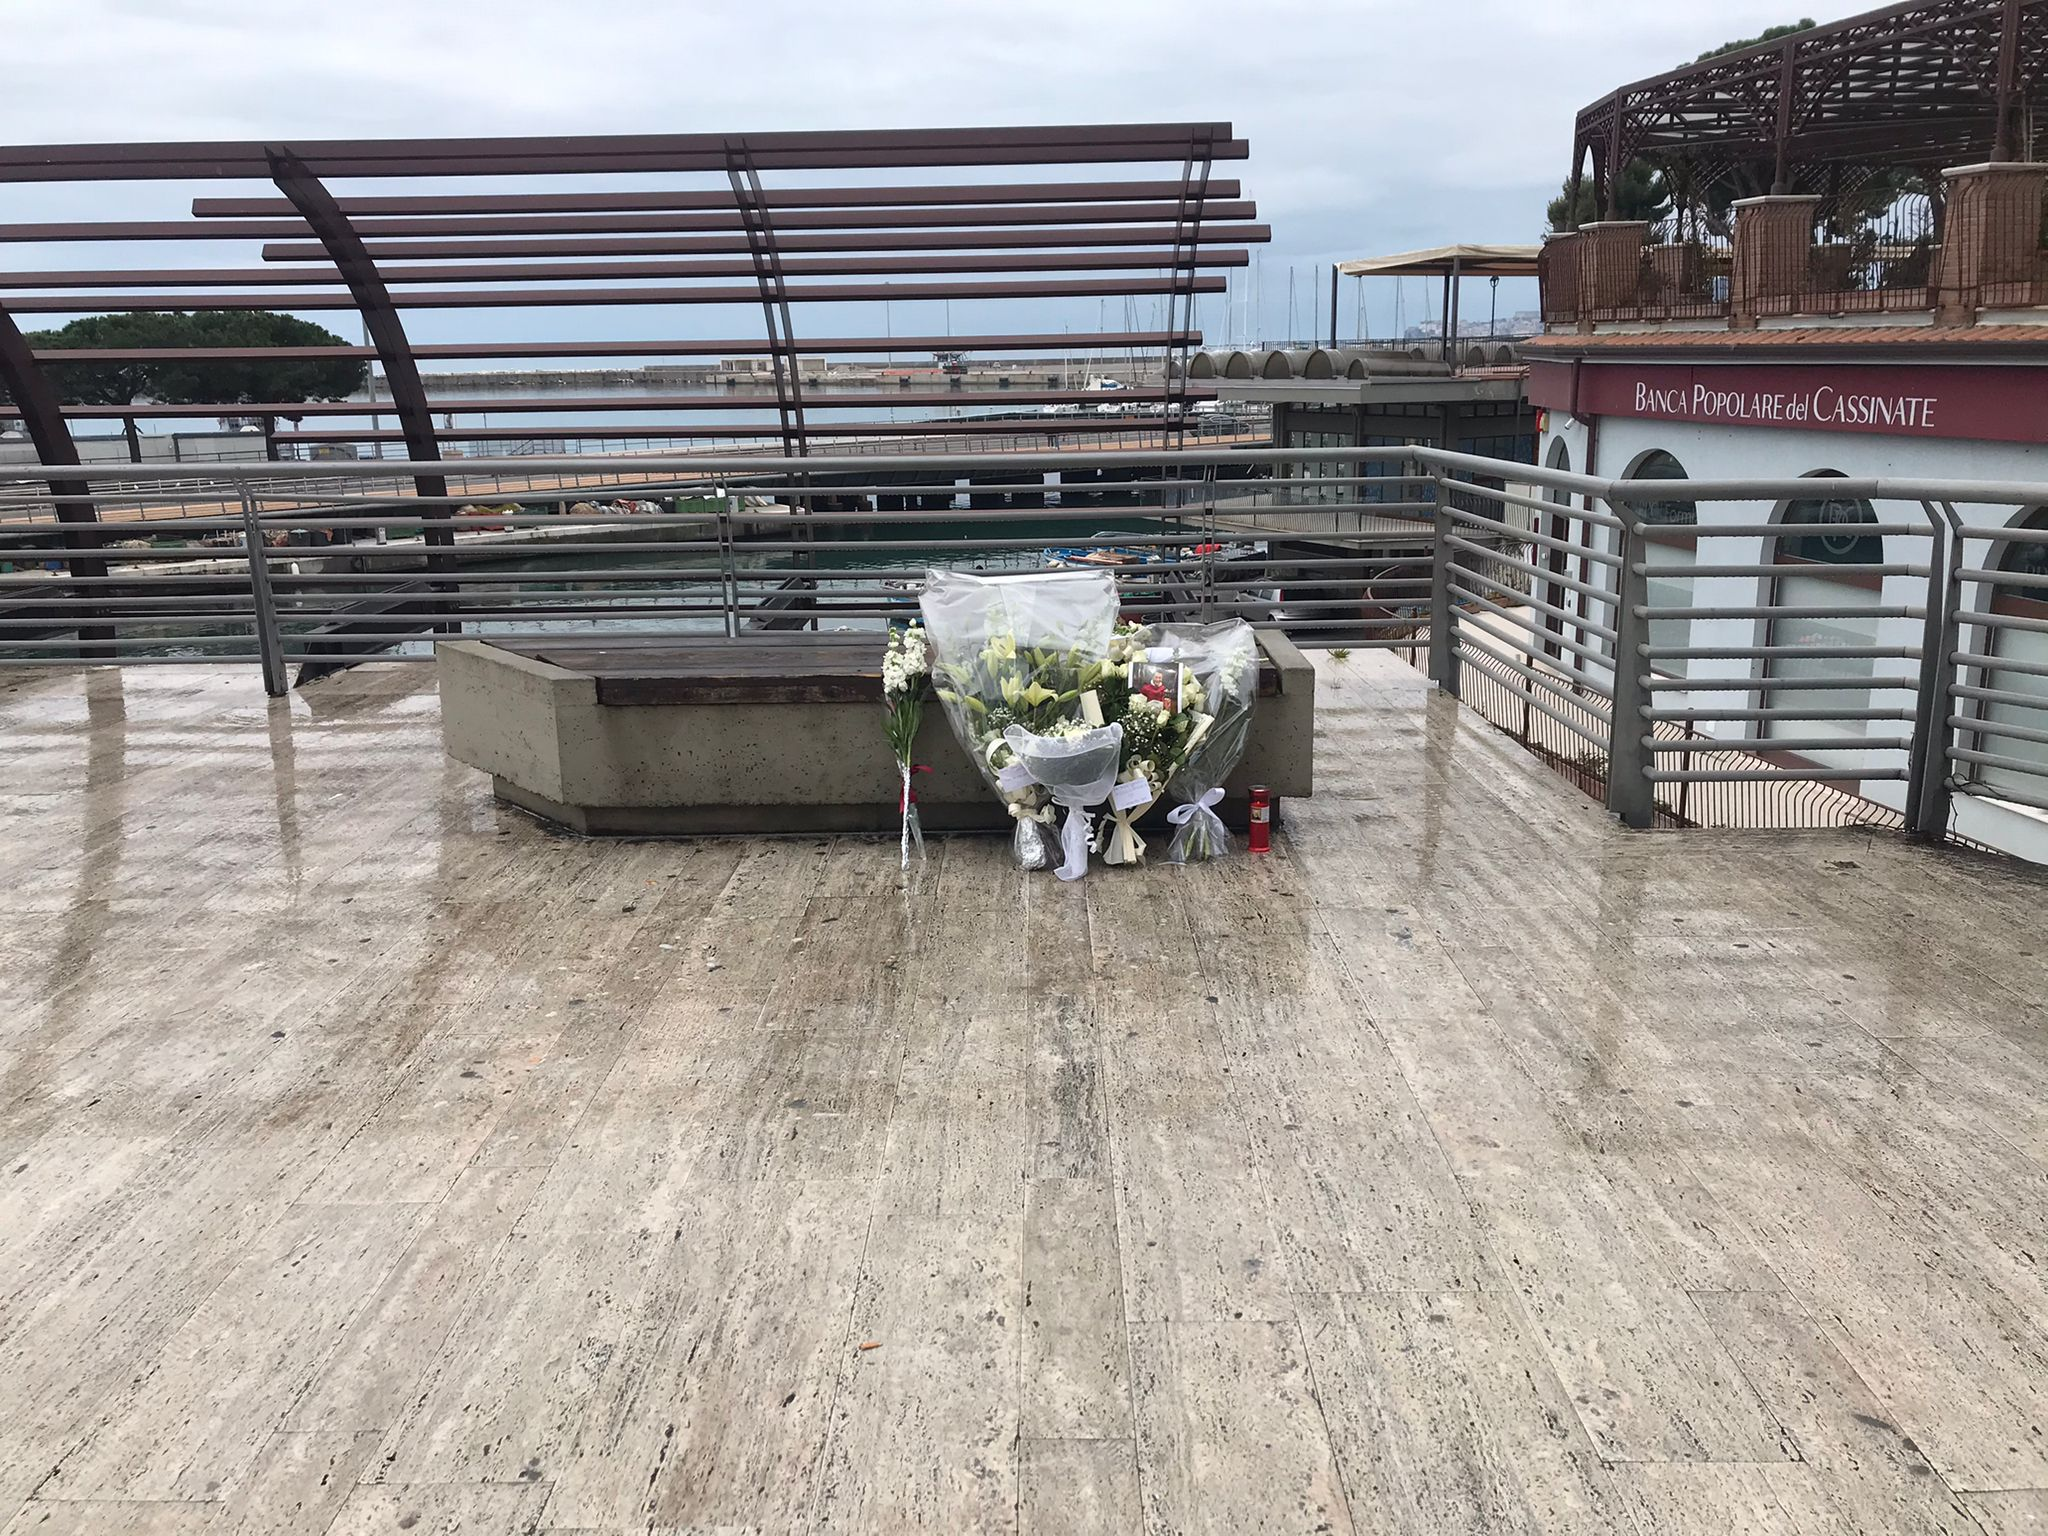 I mazzI di fiori poggiatI nel punto in cui è stato ferito a morte Romeo Bondanesi